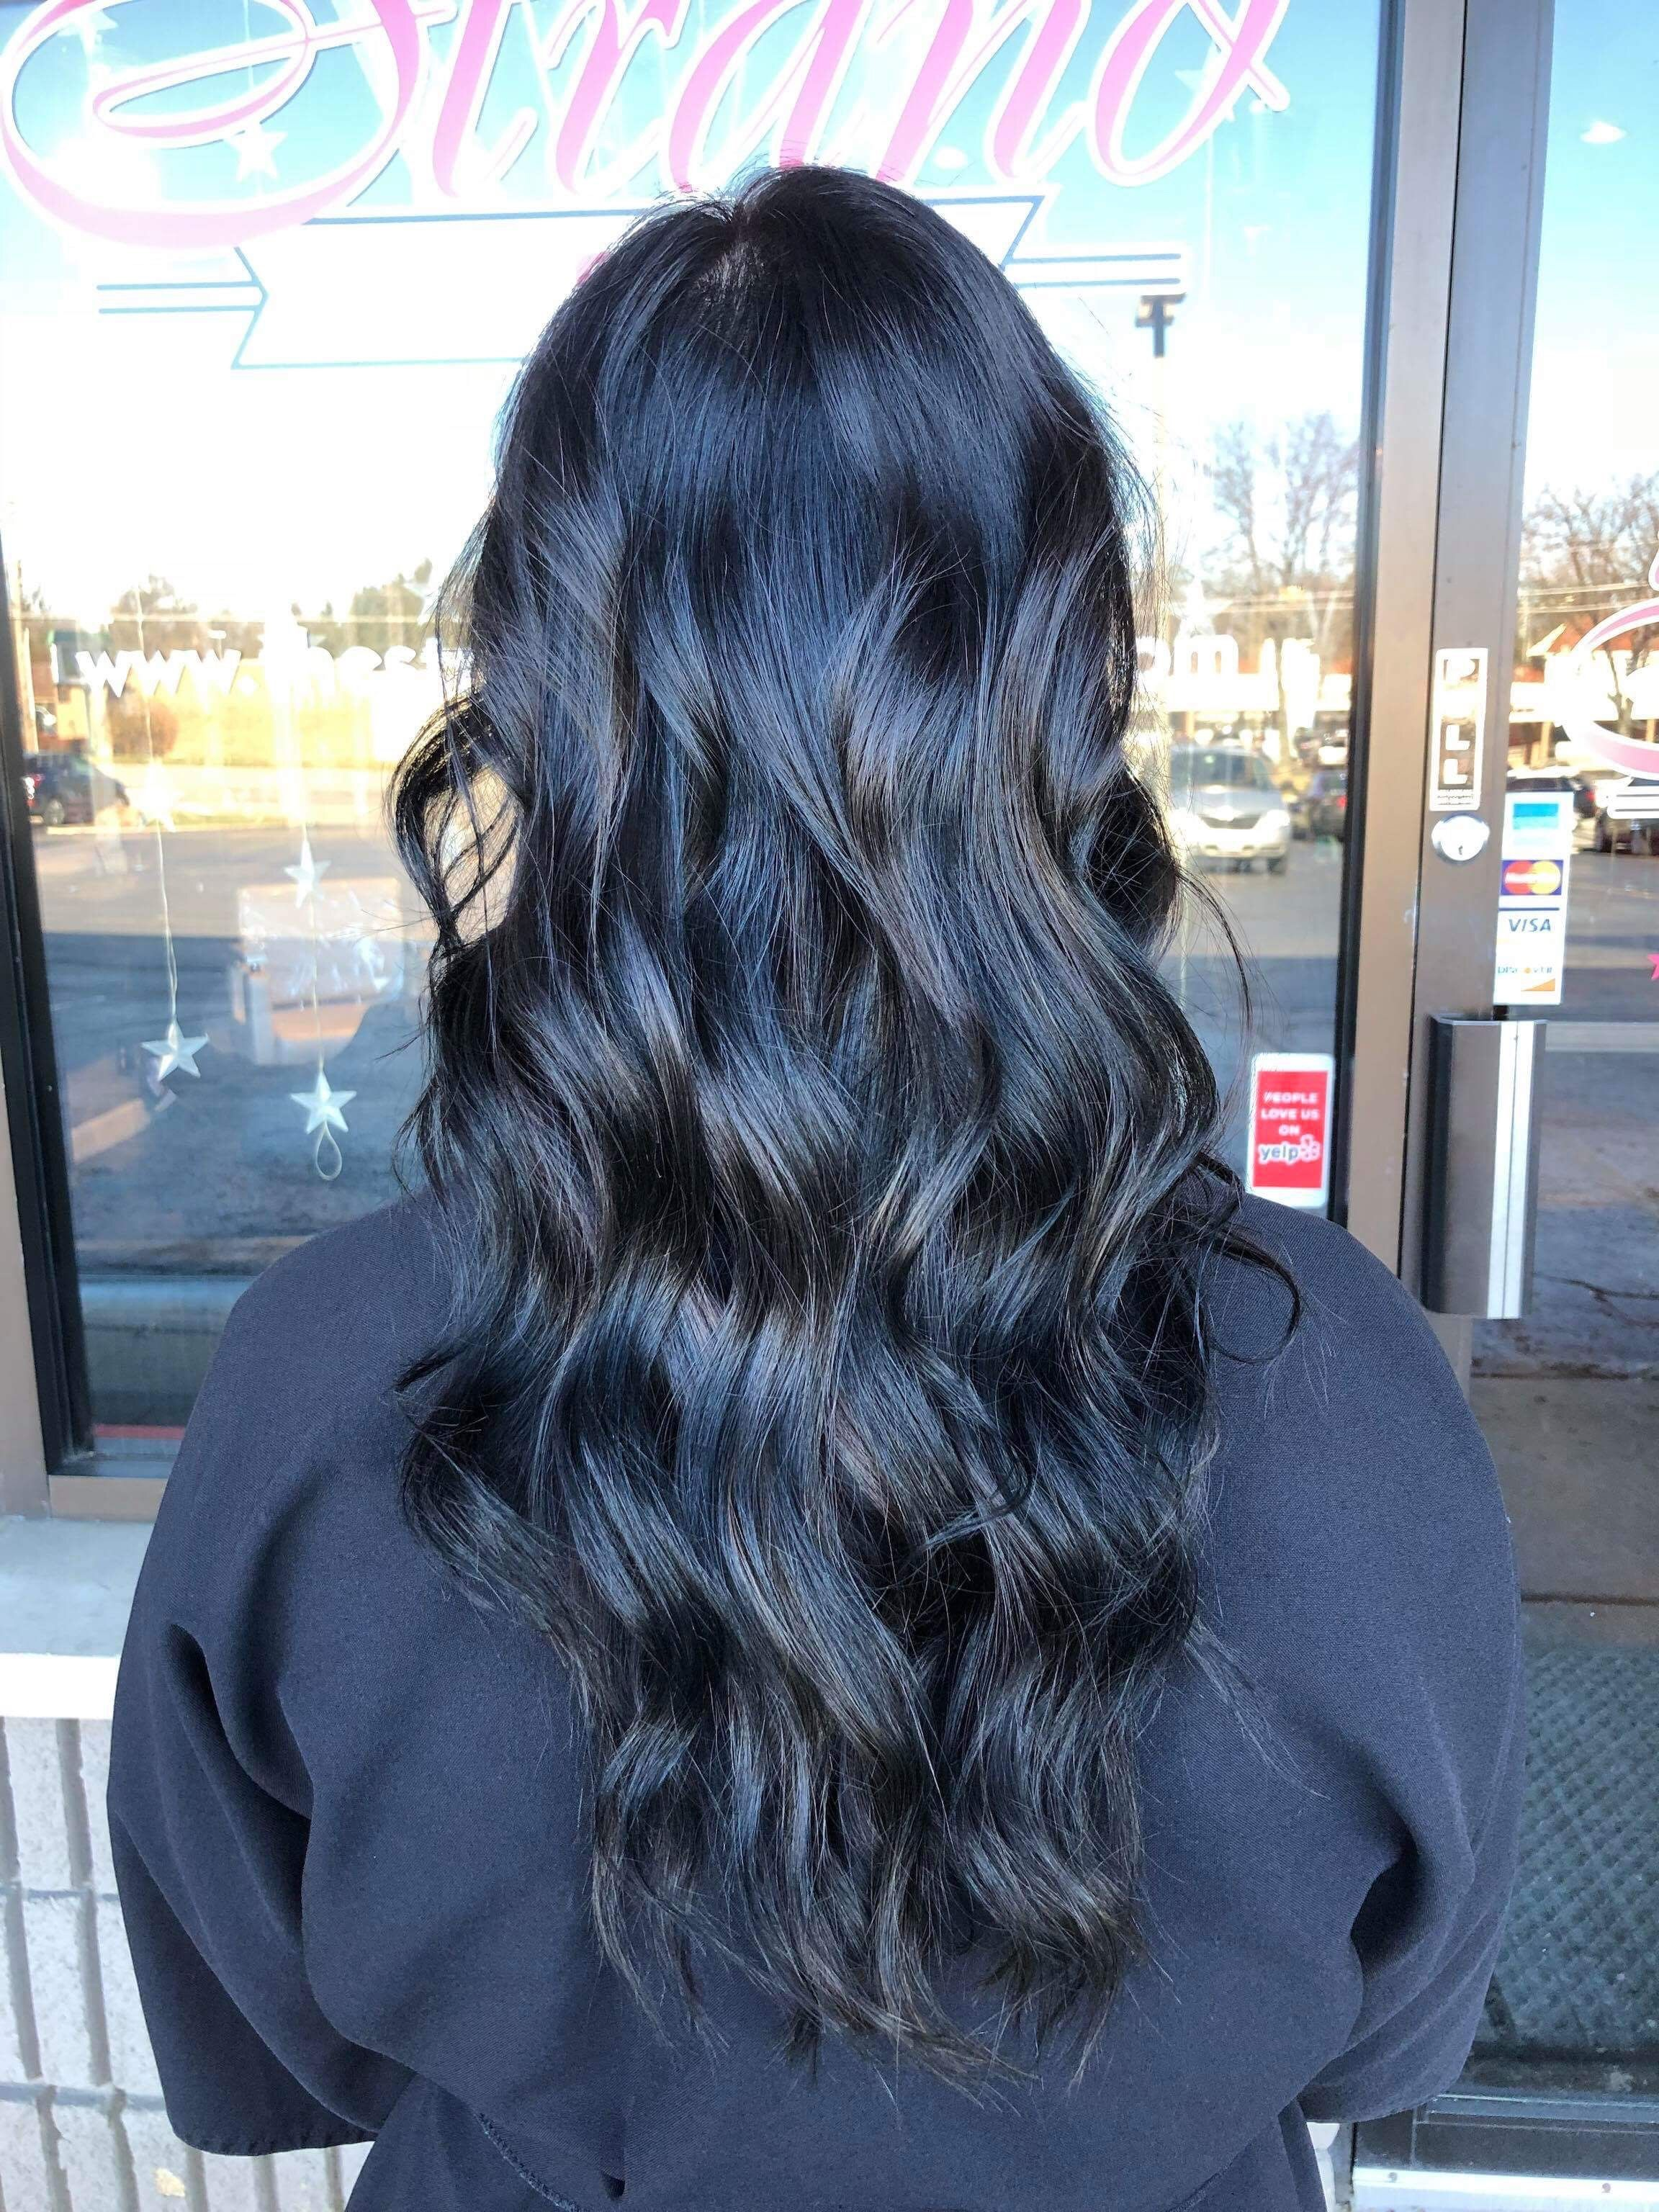 Dark Brow With Black Lowlights Darkhair Lowlights Darkbrown Blackcoloredhair Richhair Blueblackha Dark Brows Hair Color For Black Hair Hair Color Auburn